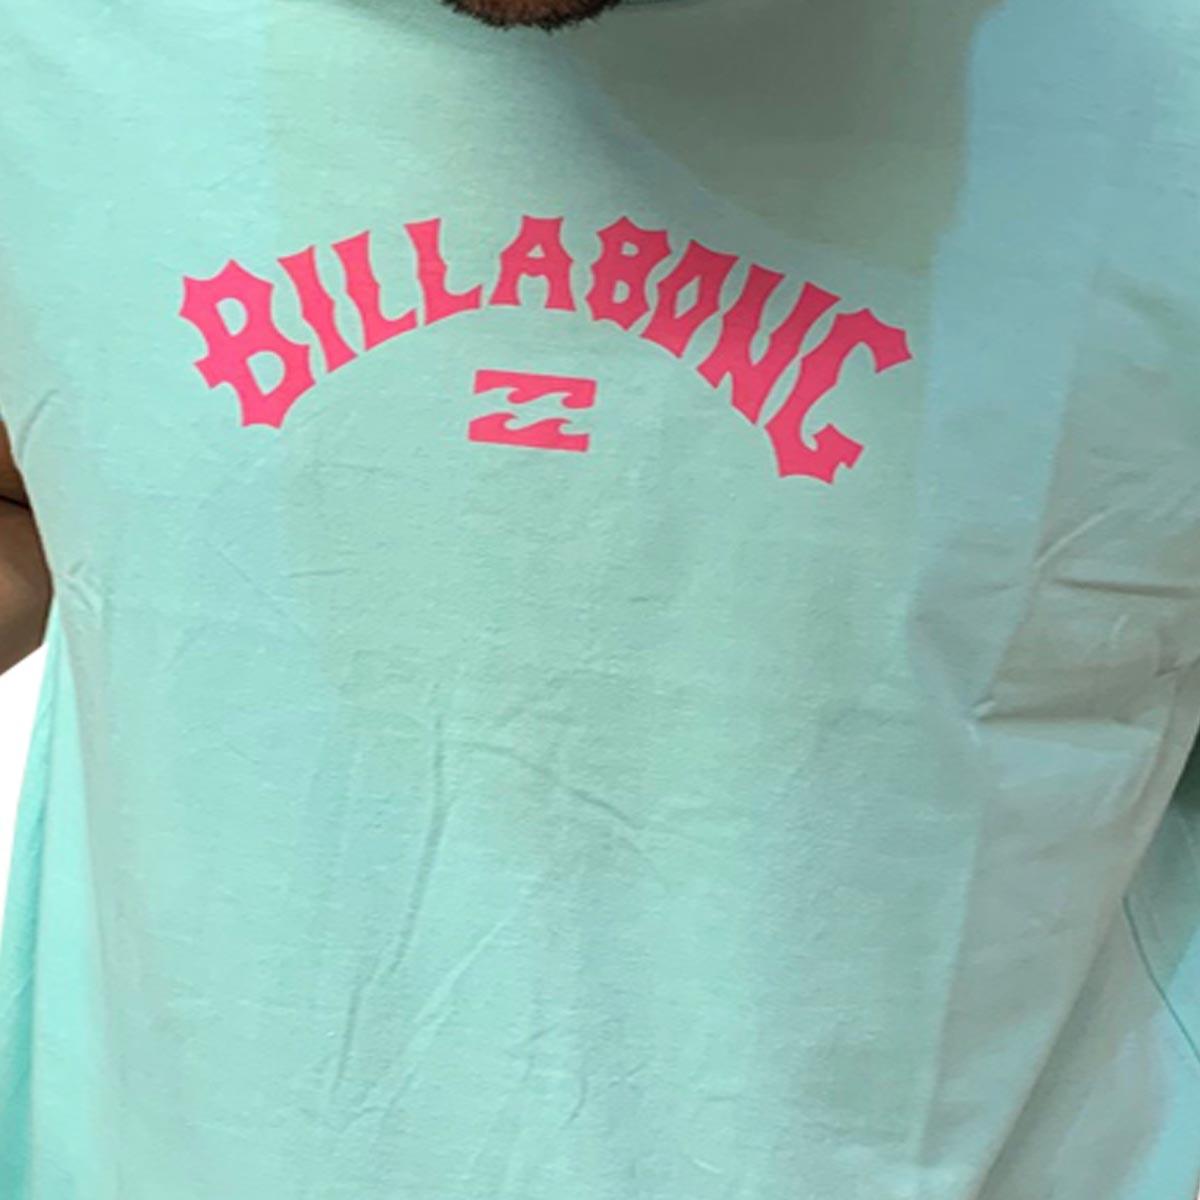 Camiseta Billabong Masculina Arch Wave manga curta